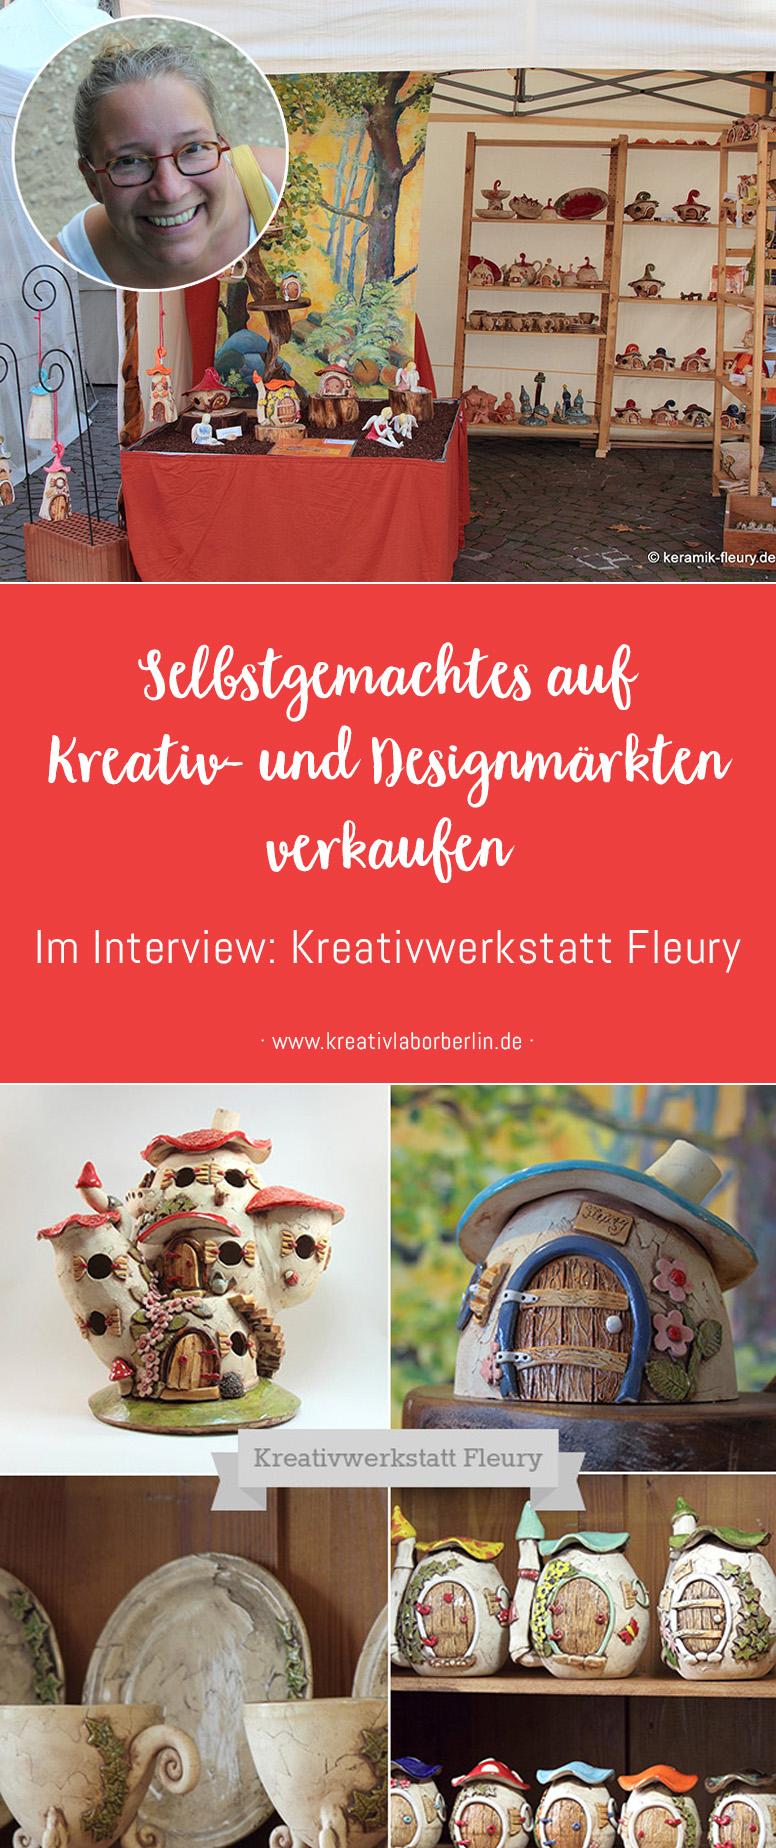 Selbstgemachtes auf Kreativ- und Designmärkten verkaufen: Kreativwerkstatt Fleury